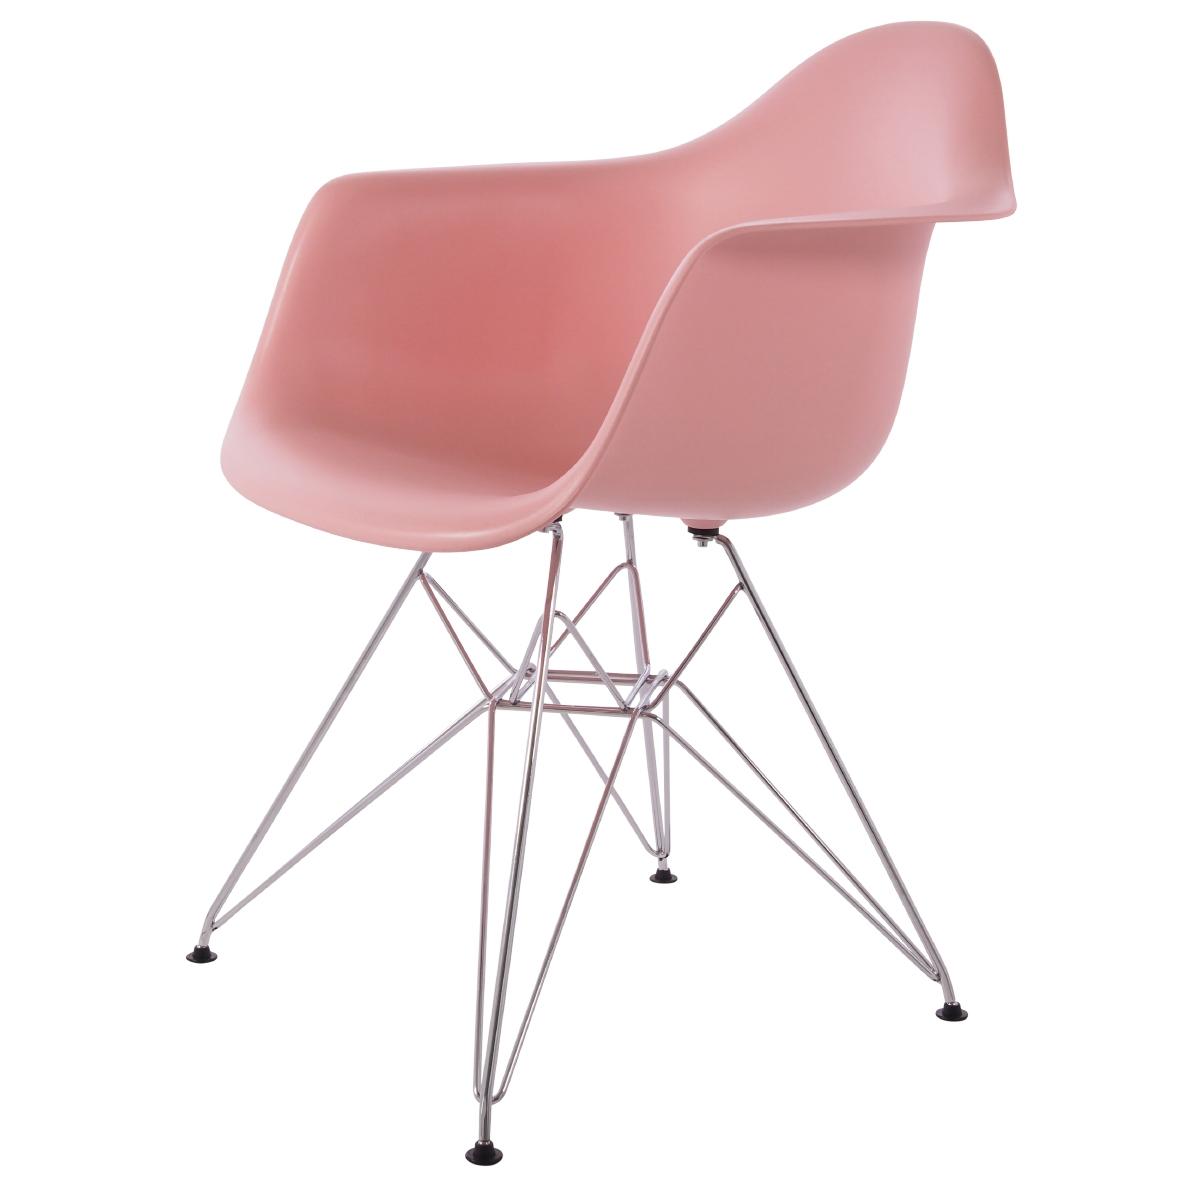 jadalnia krzesło DD DAR jedzenie PP baby pink